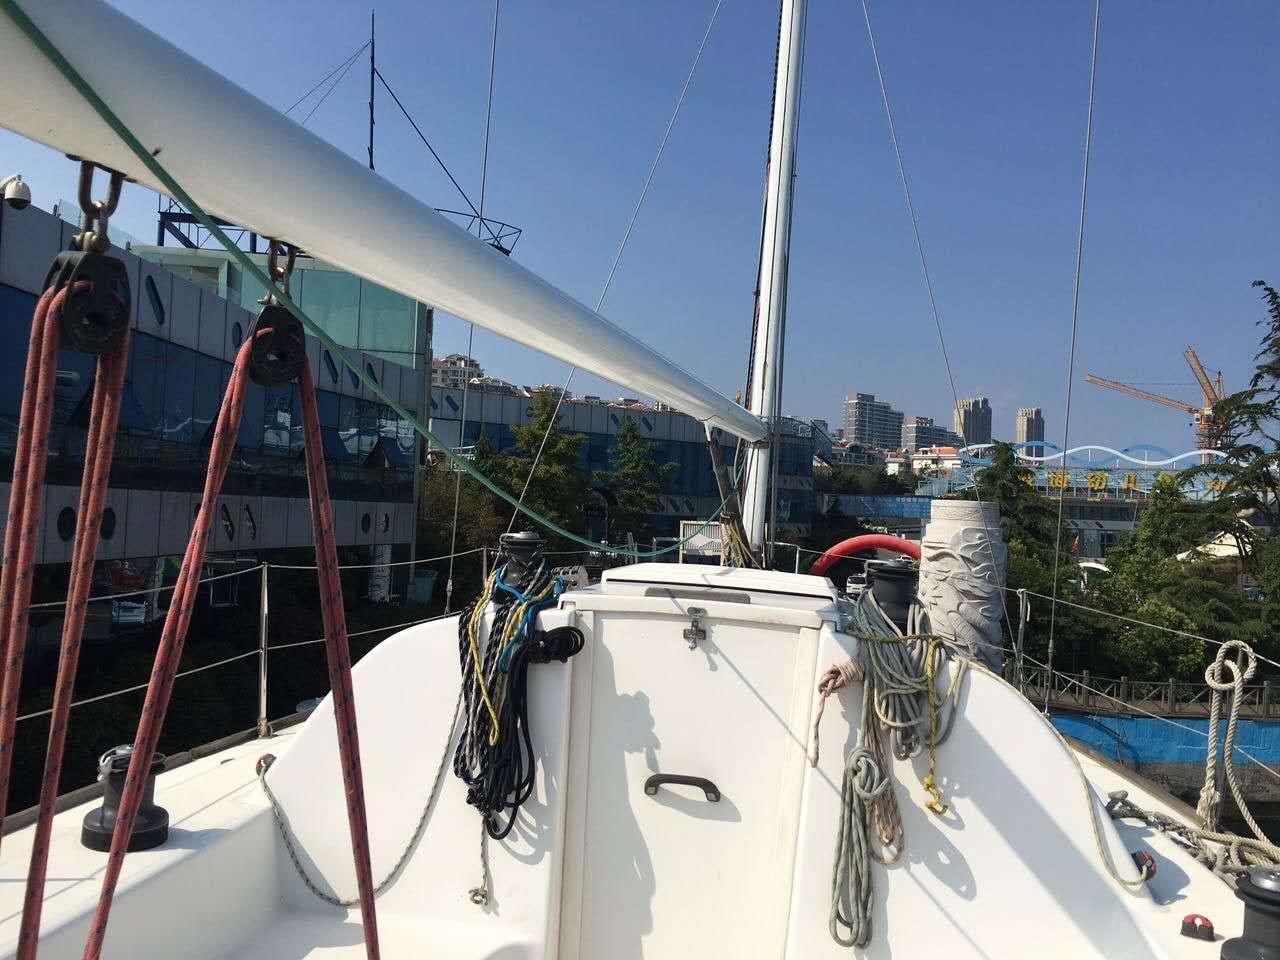 帆船,性能,出色,竞速,巡游 35尺竞速型巡游帆船转让  221847osbcfc3f